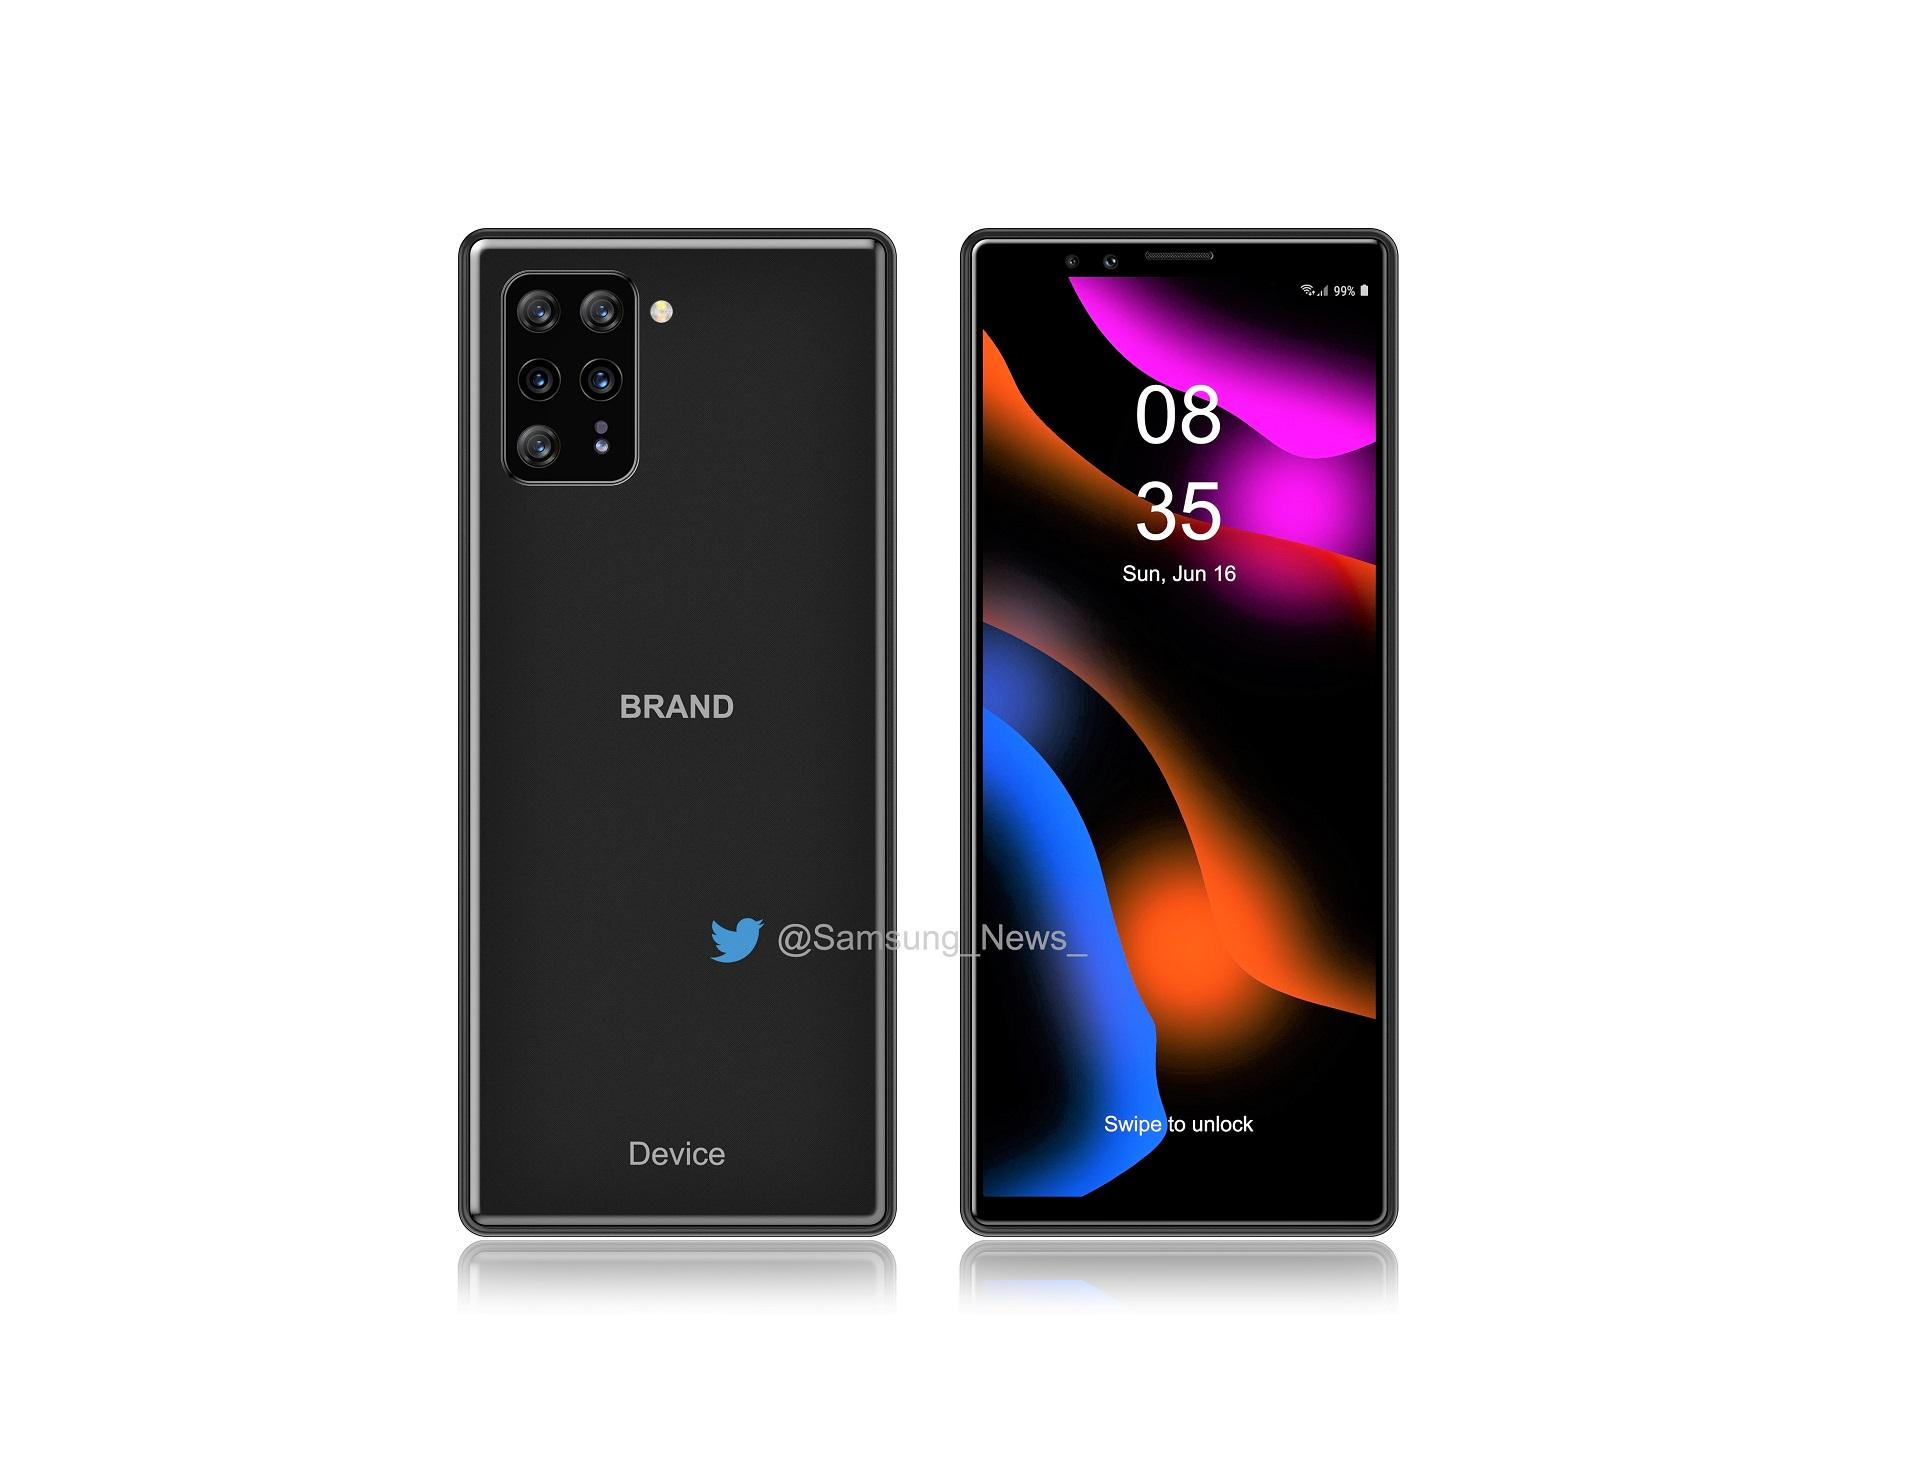 Sony-Xperia-Phone-mit-acht-Kameras-Hexa-Cam-Details-geleakt-